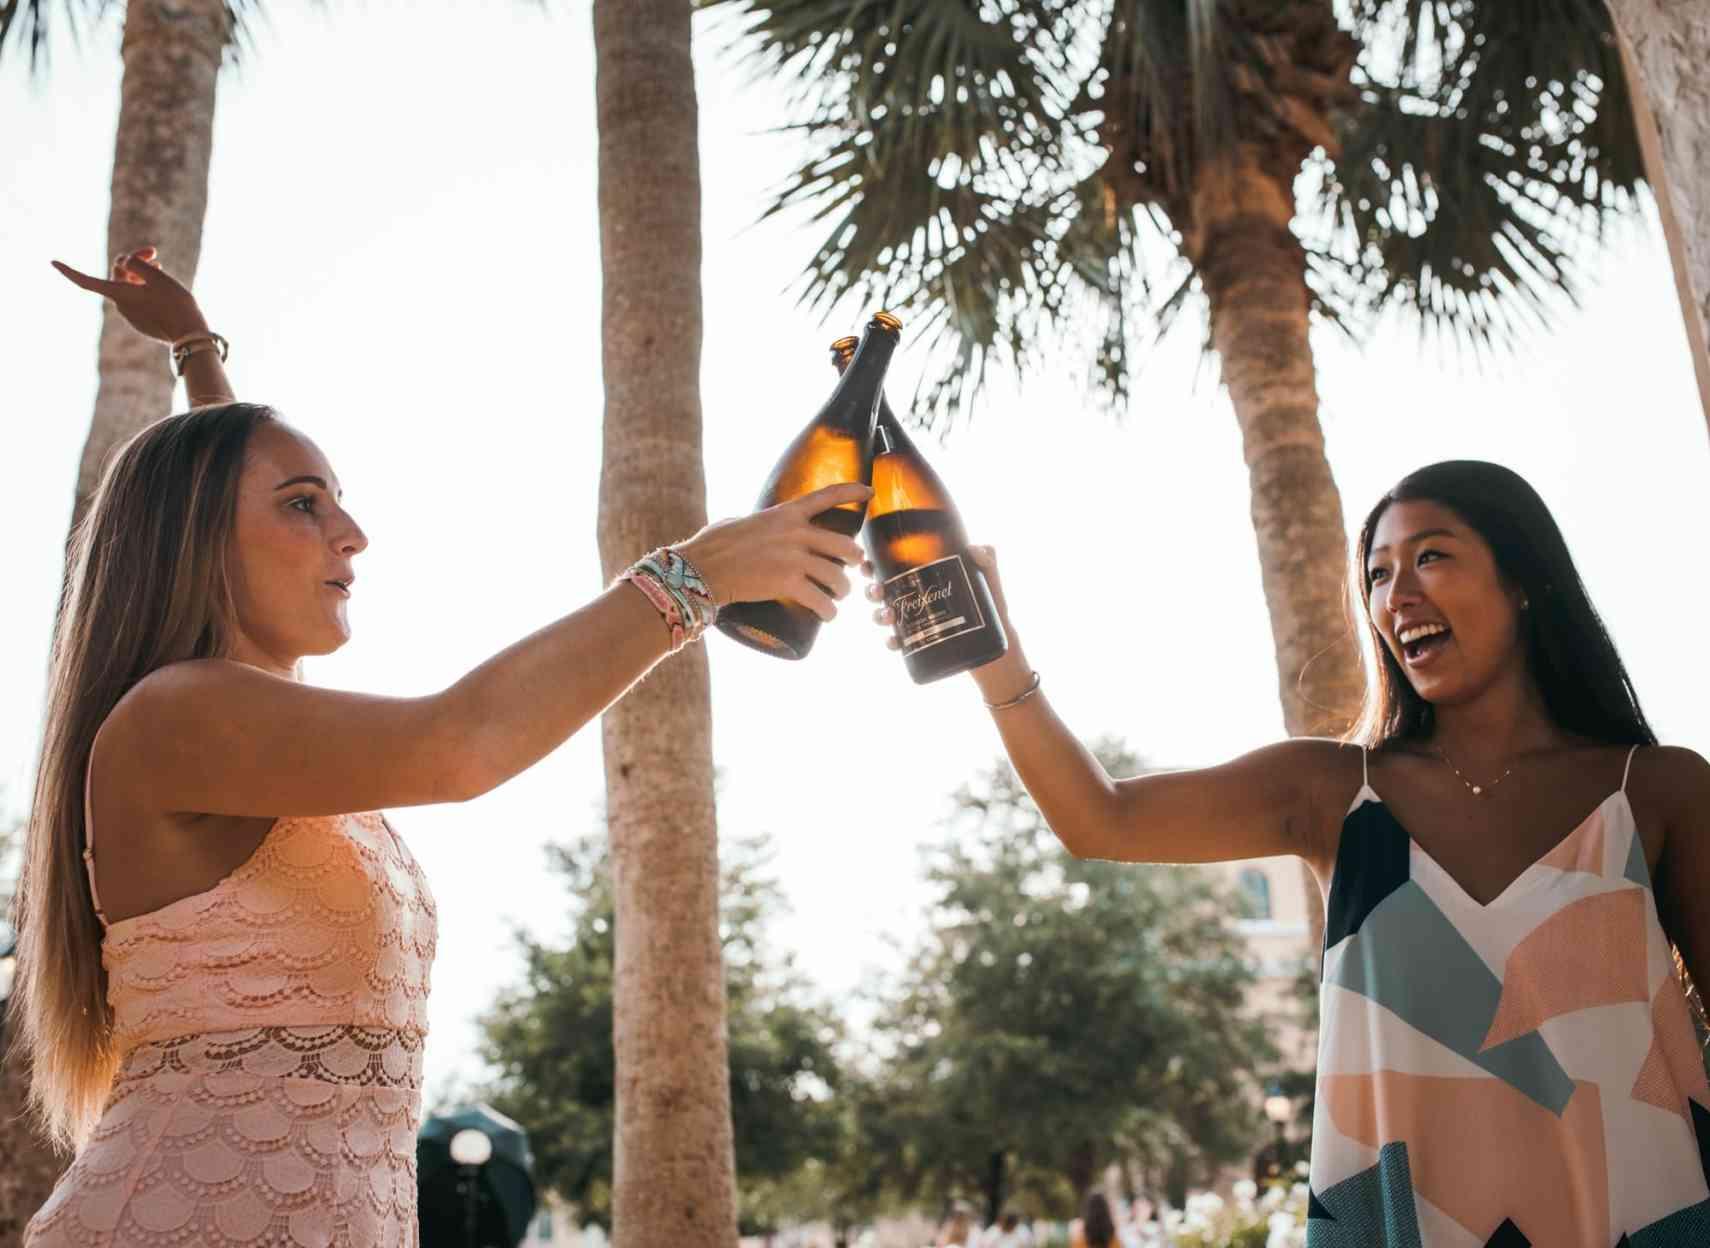 Binge drinking : mode de consommation excessif et rapide d'alcool